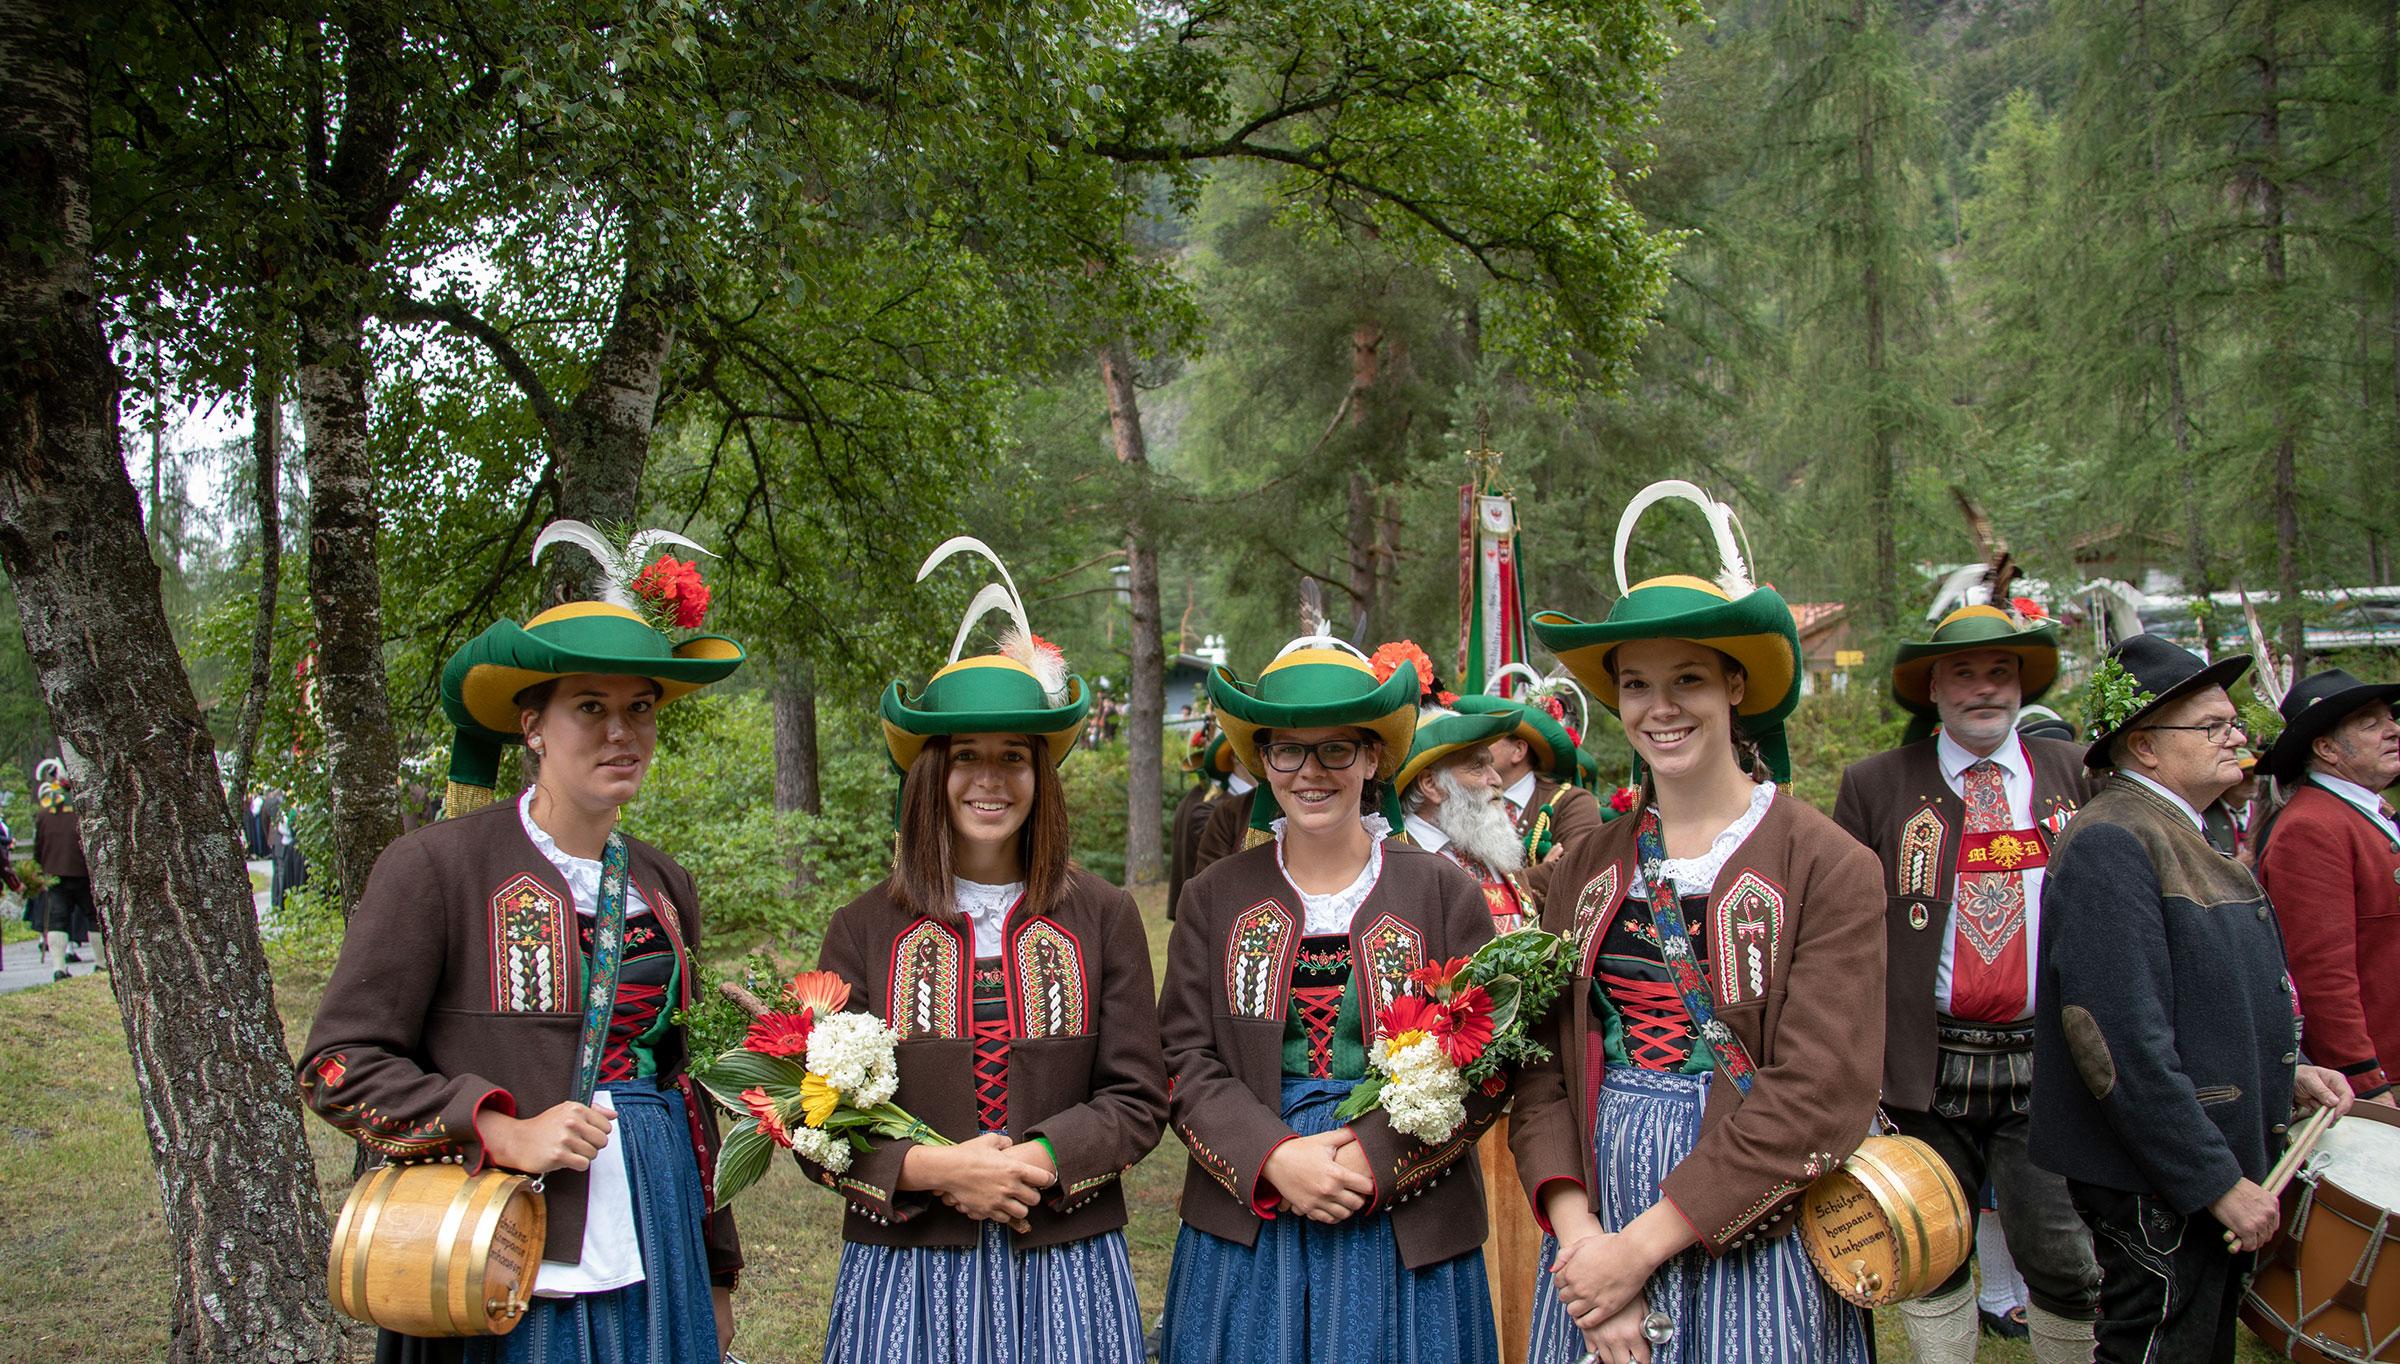 Marketenderinnen - Brauchtum Ötztal Tirol